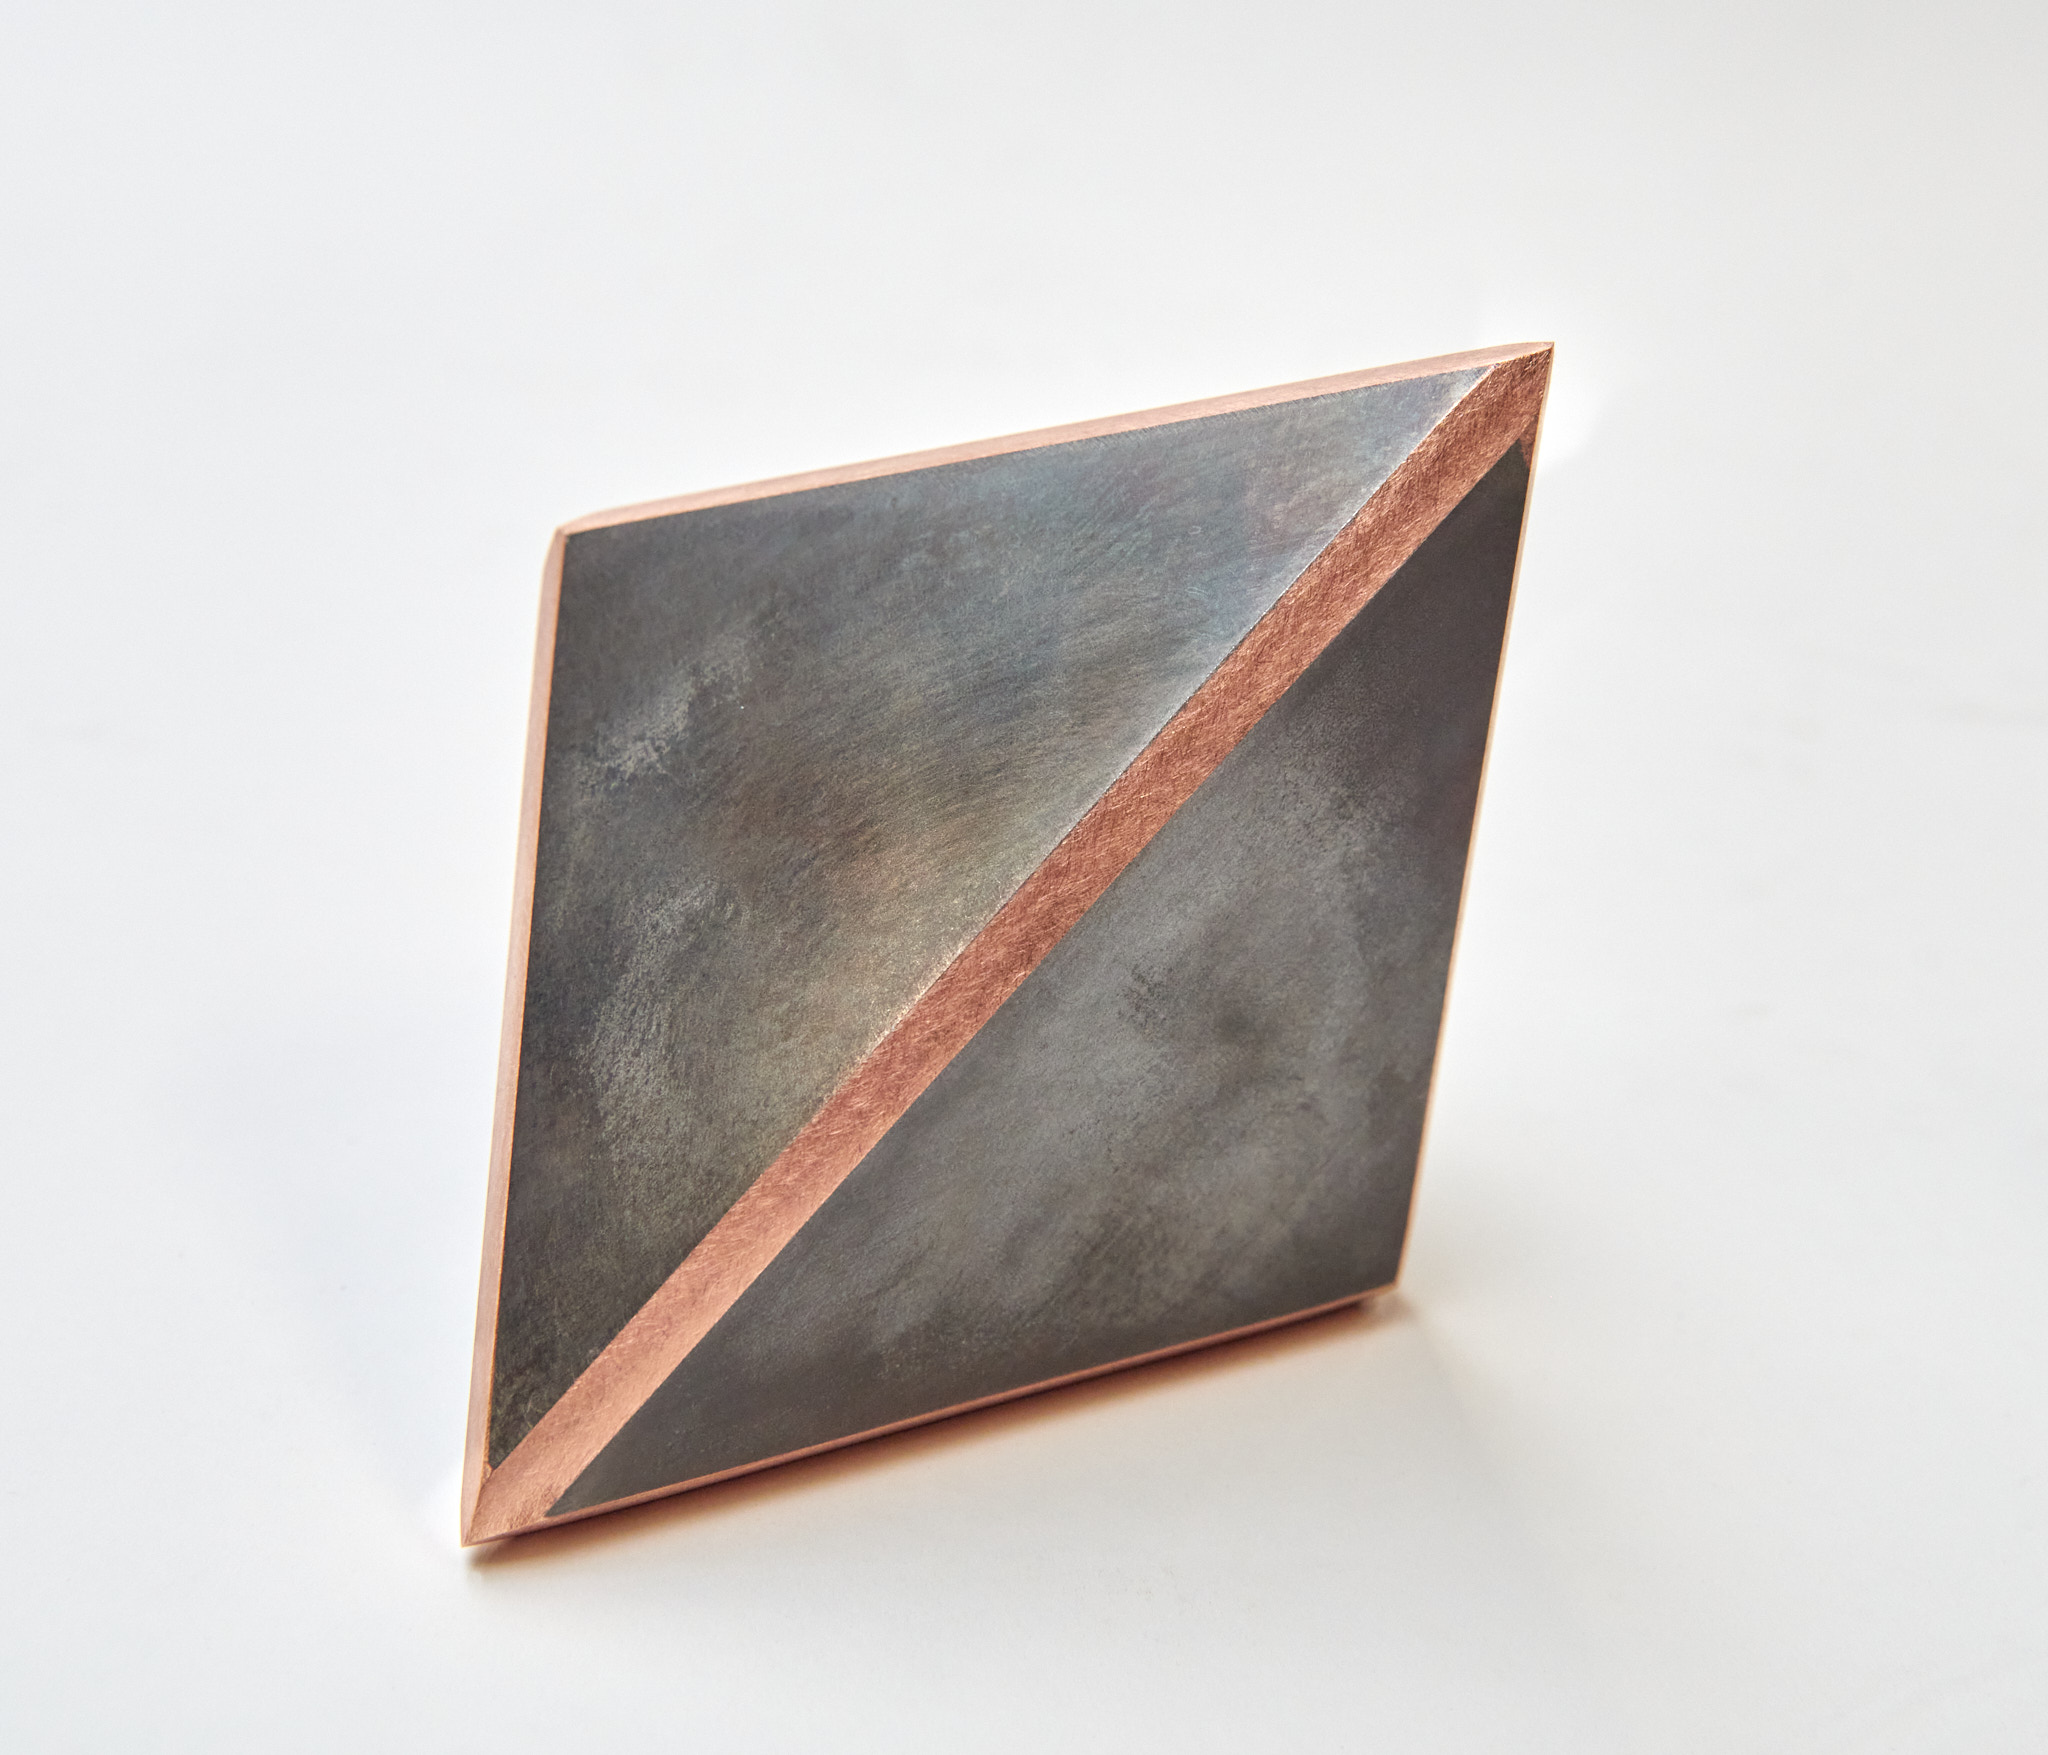 """Zicht op 2 vlakken van het kunstwerk """"delen van een kubus"""""""